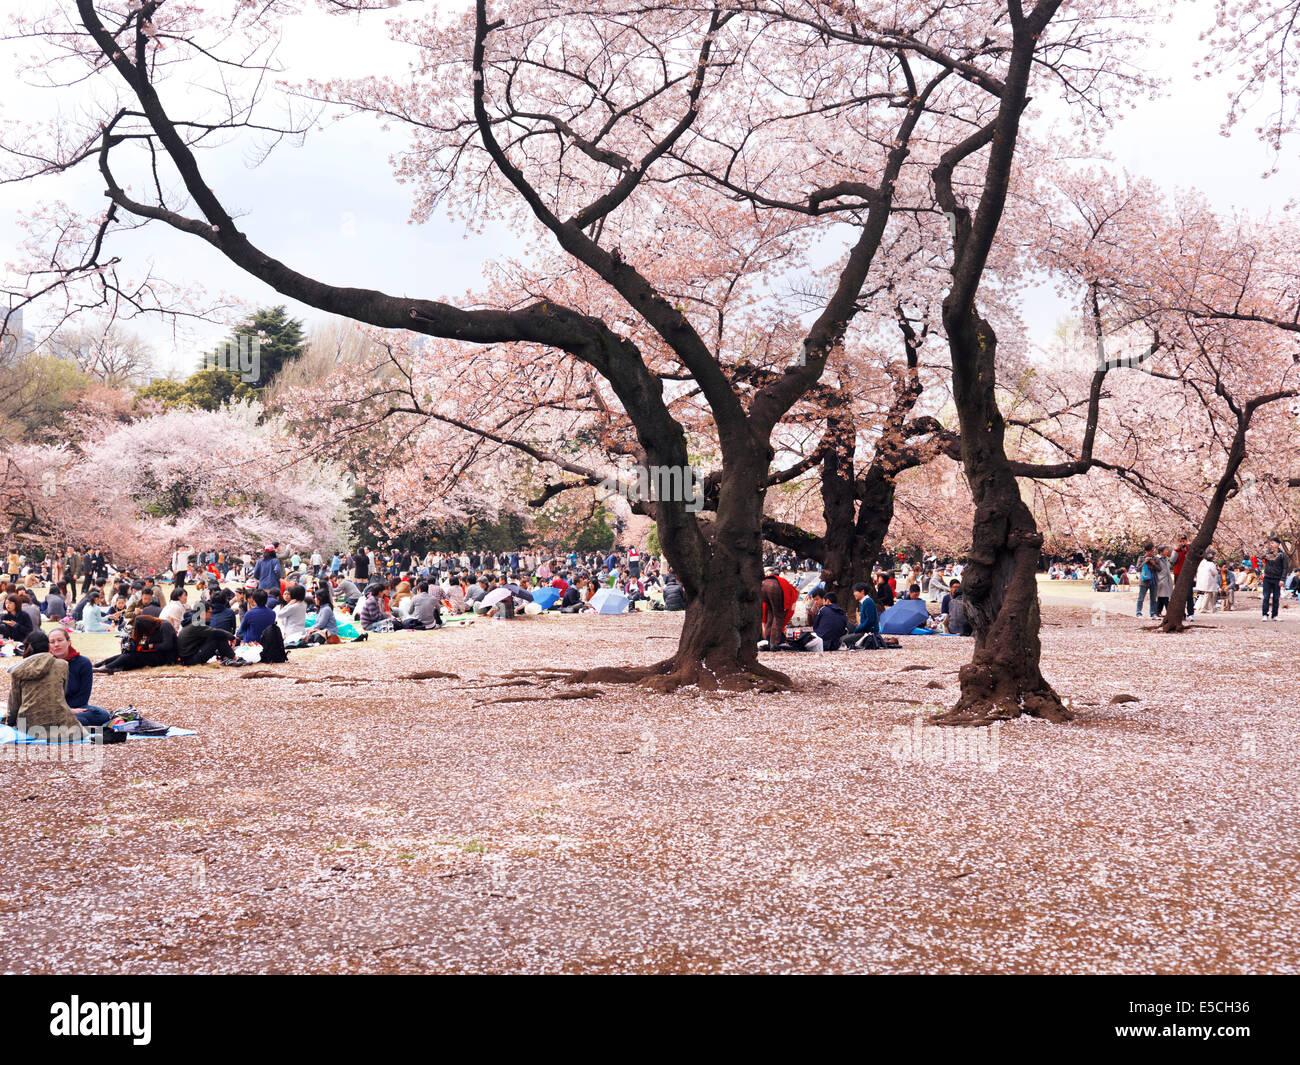 Les gens se reposant dans le jardin National Gyoen au cours de fleur de cerisier. Shinjuku, Tokyo, Japon. Photo Stock